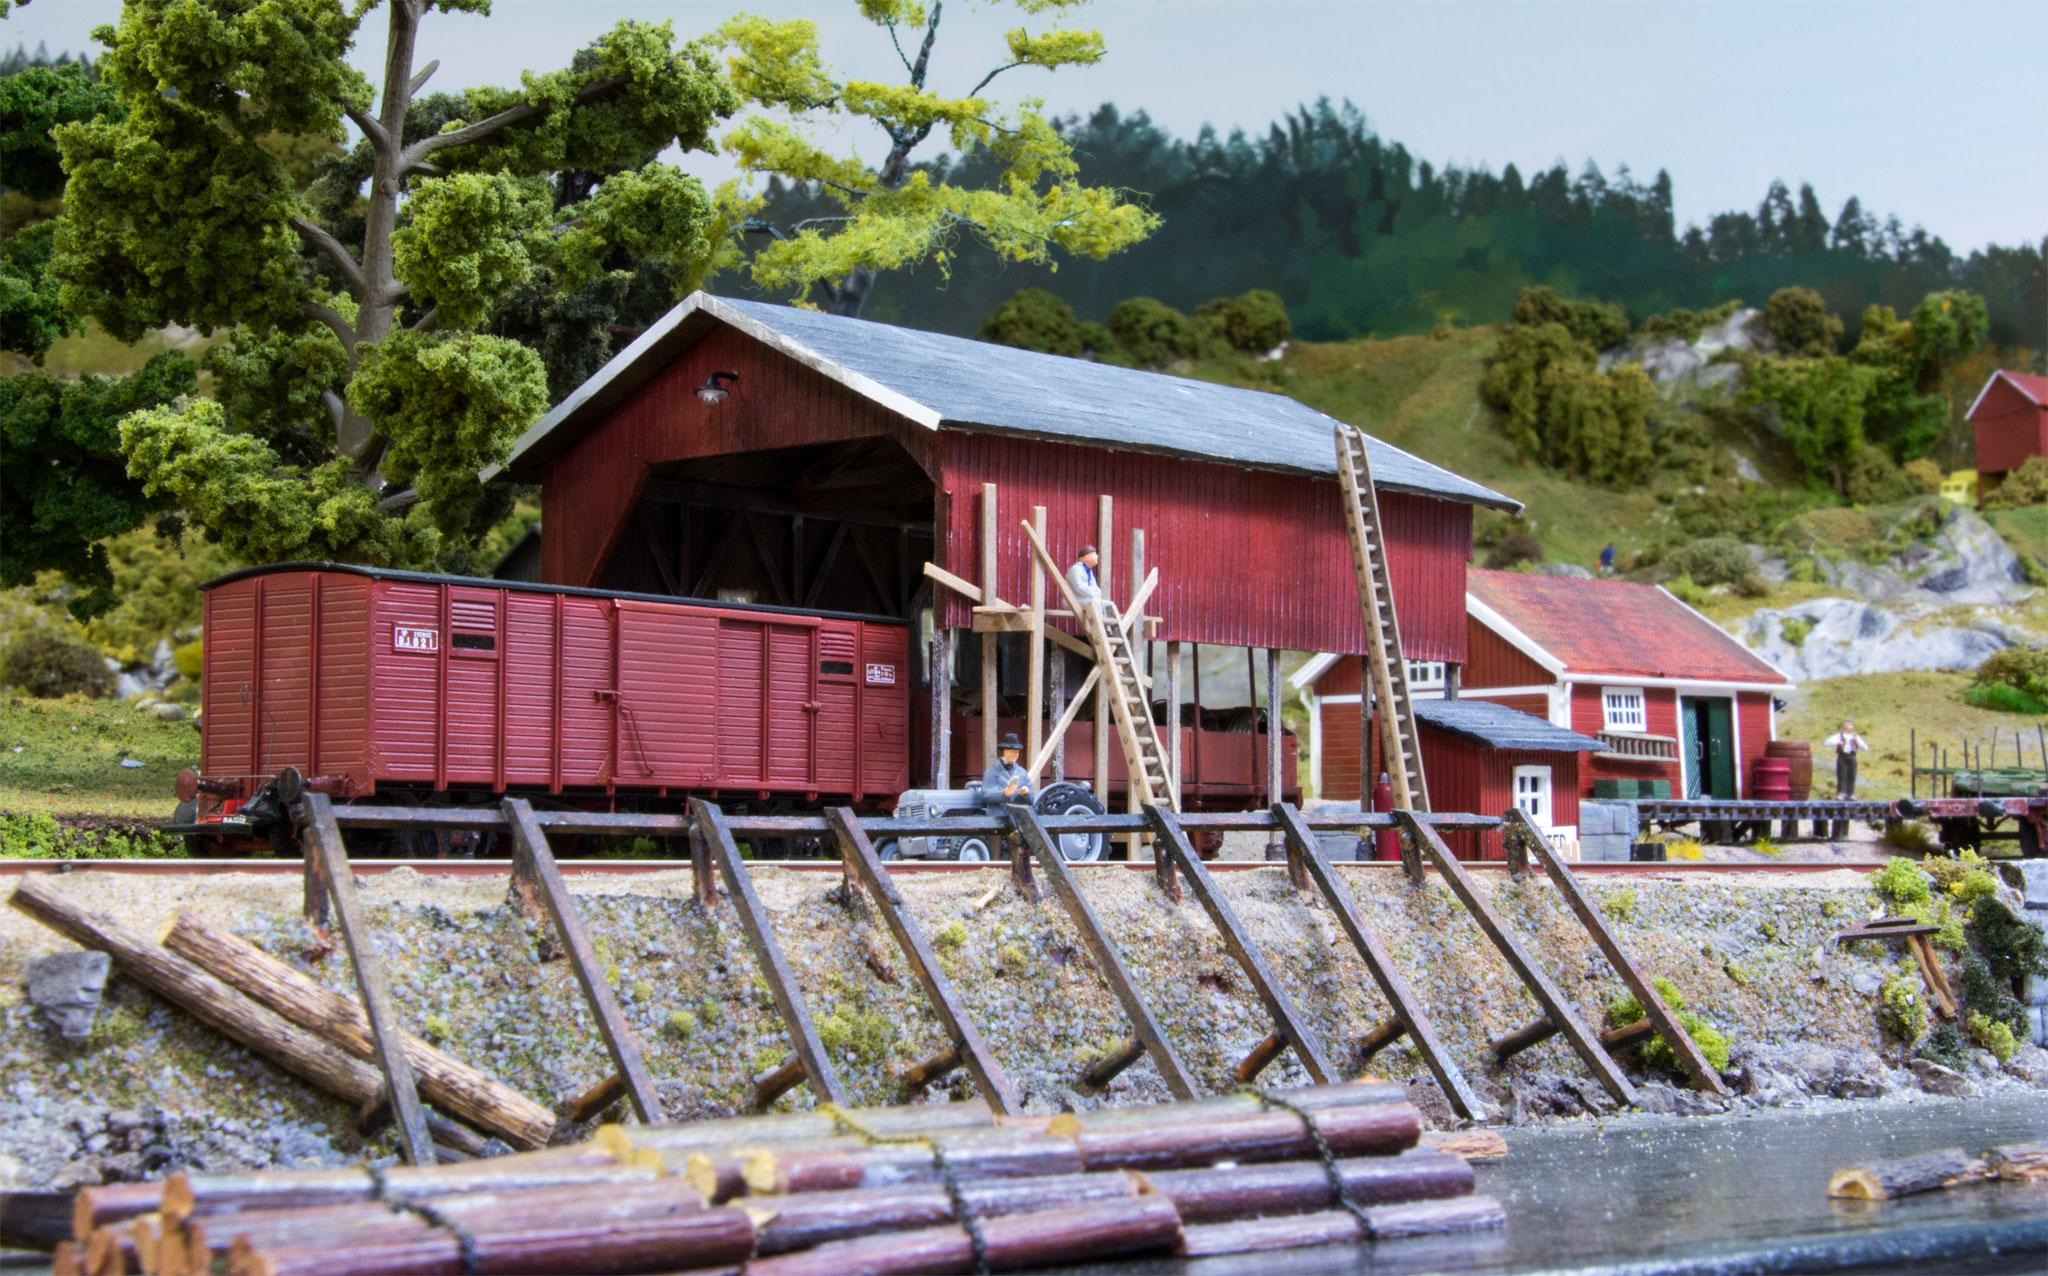 Omladningsskur på havnesporet i Korted, scratchbygget i NorthEastern træ af Peter Falk. (Frit efter det, som fandtes i Dals Långed på Dal Västra Värmlands Järnvägar)